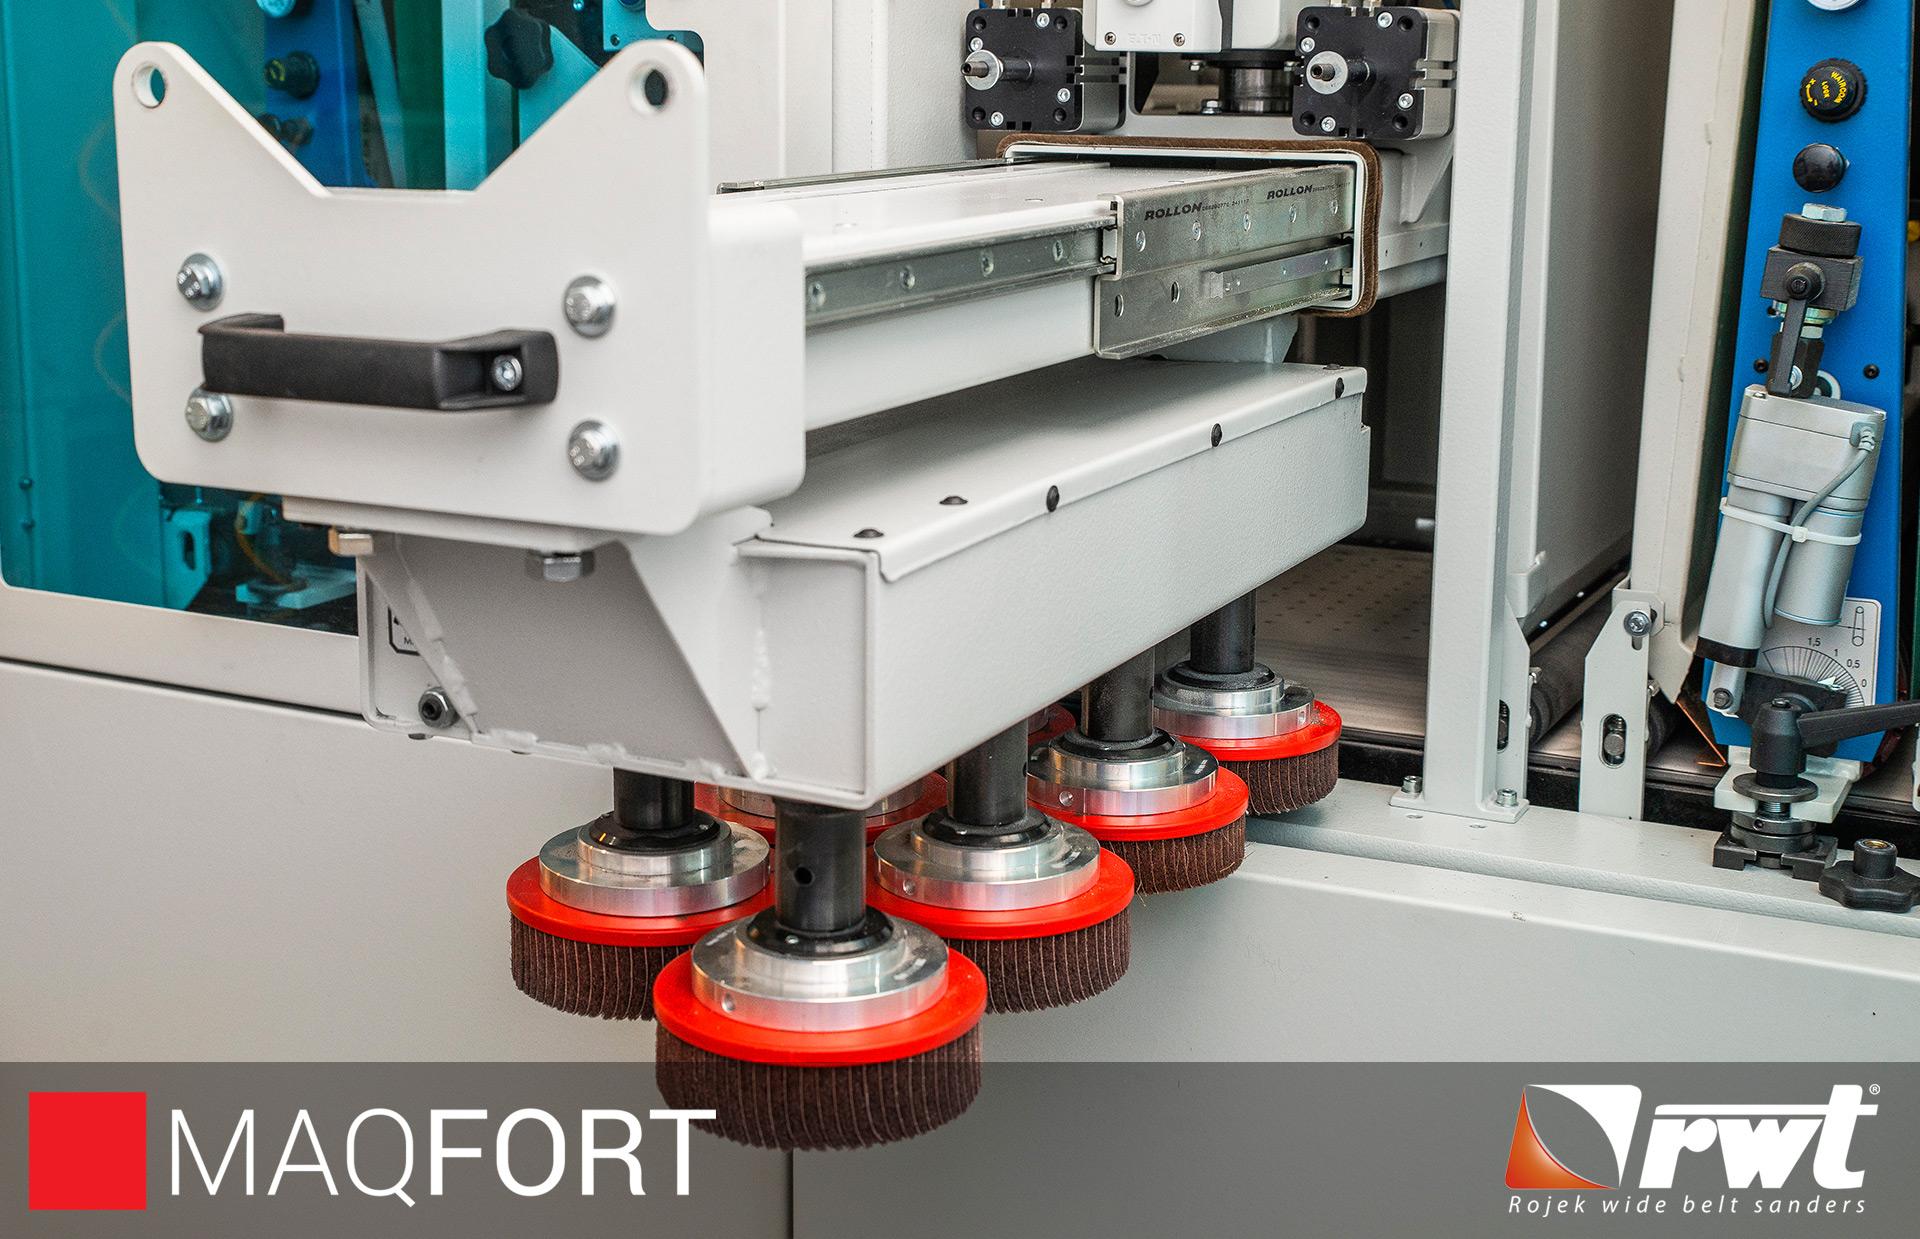 Maquina de remover rebarba e arredondamento de arestas